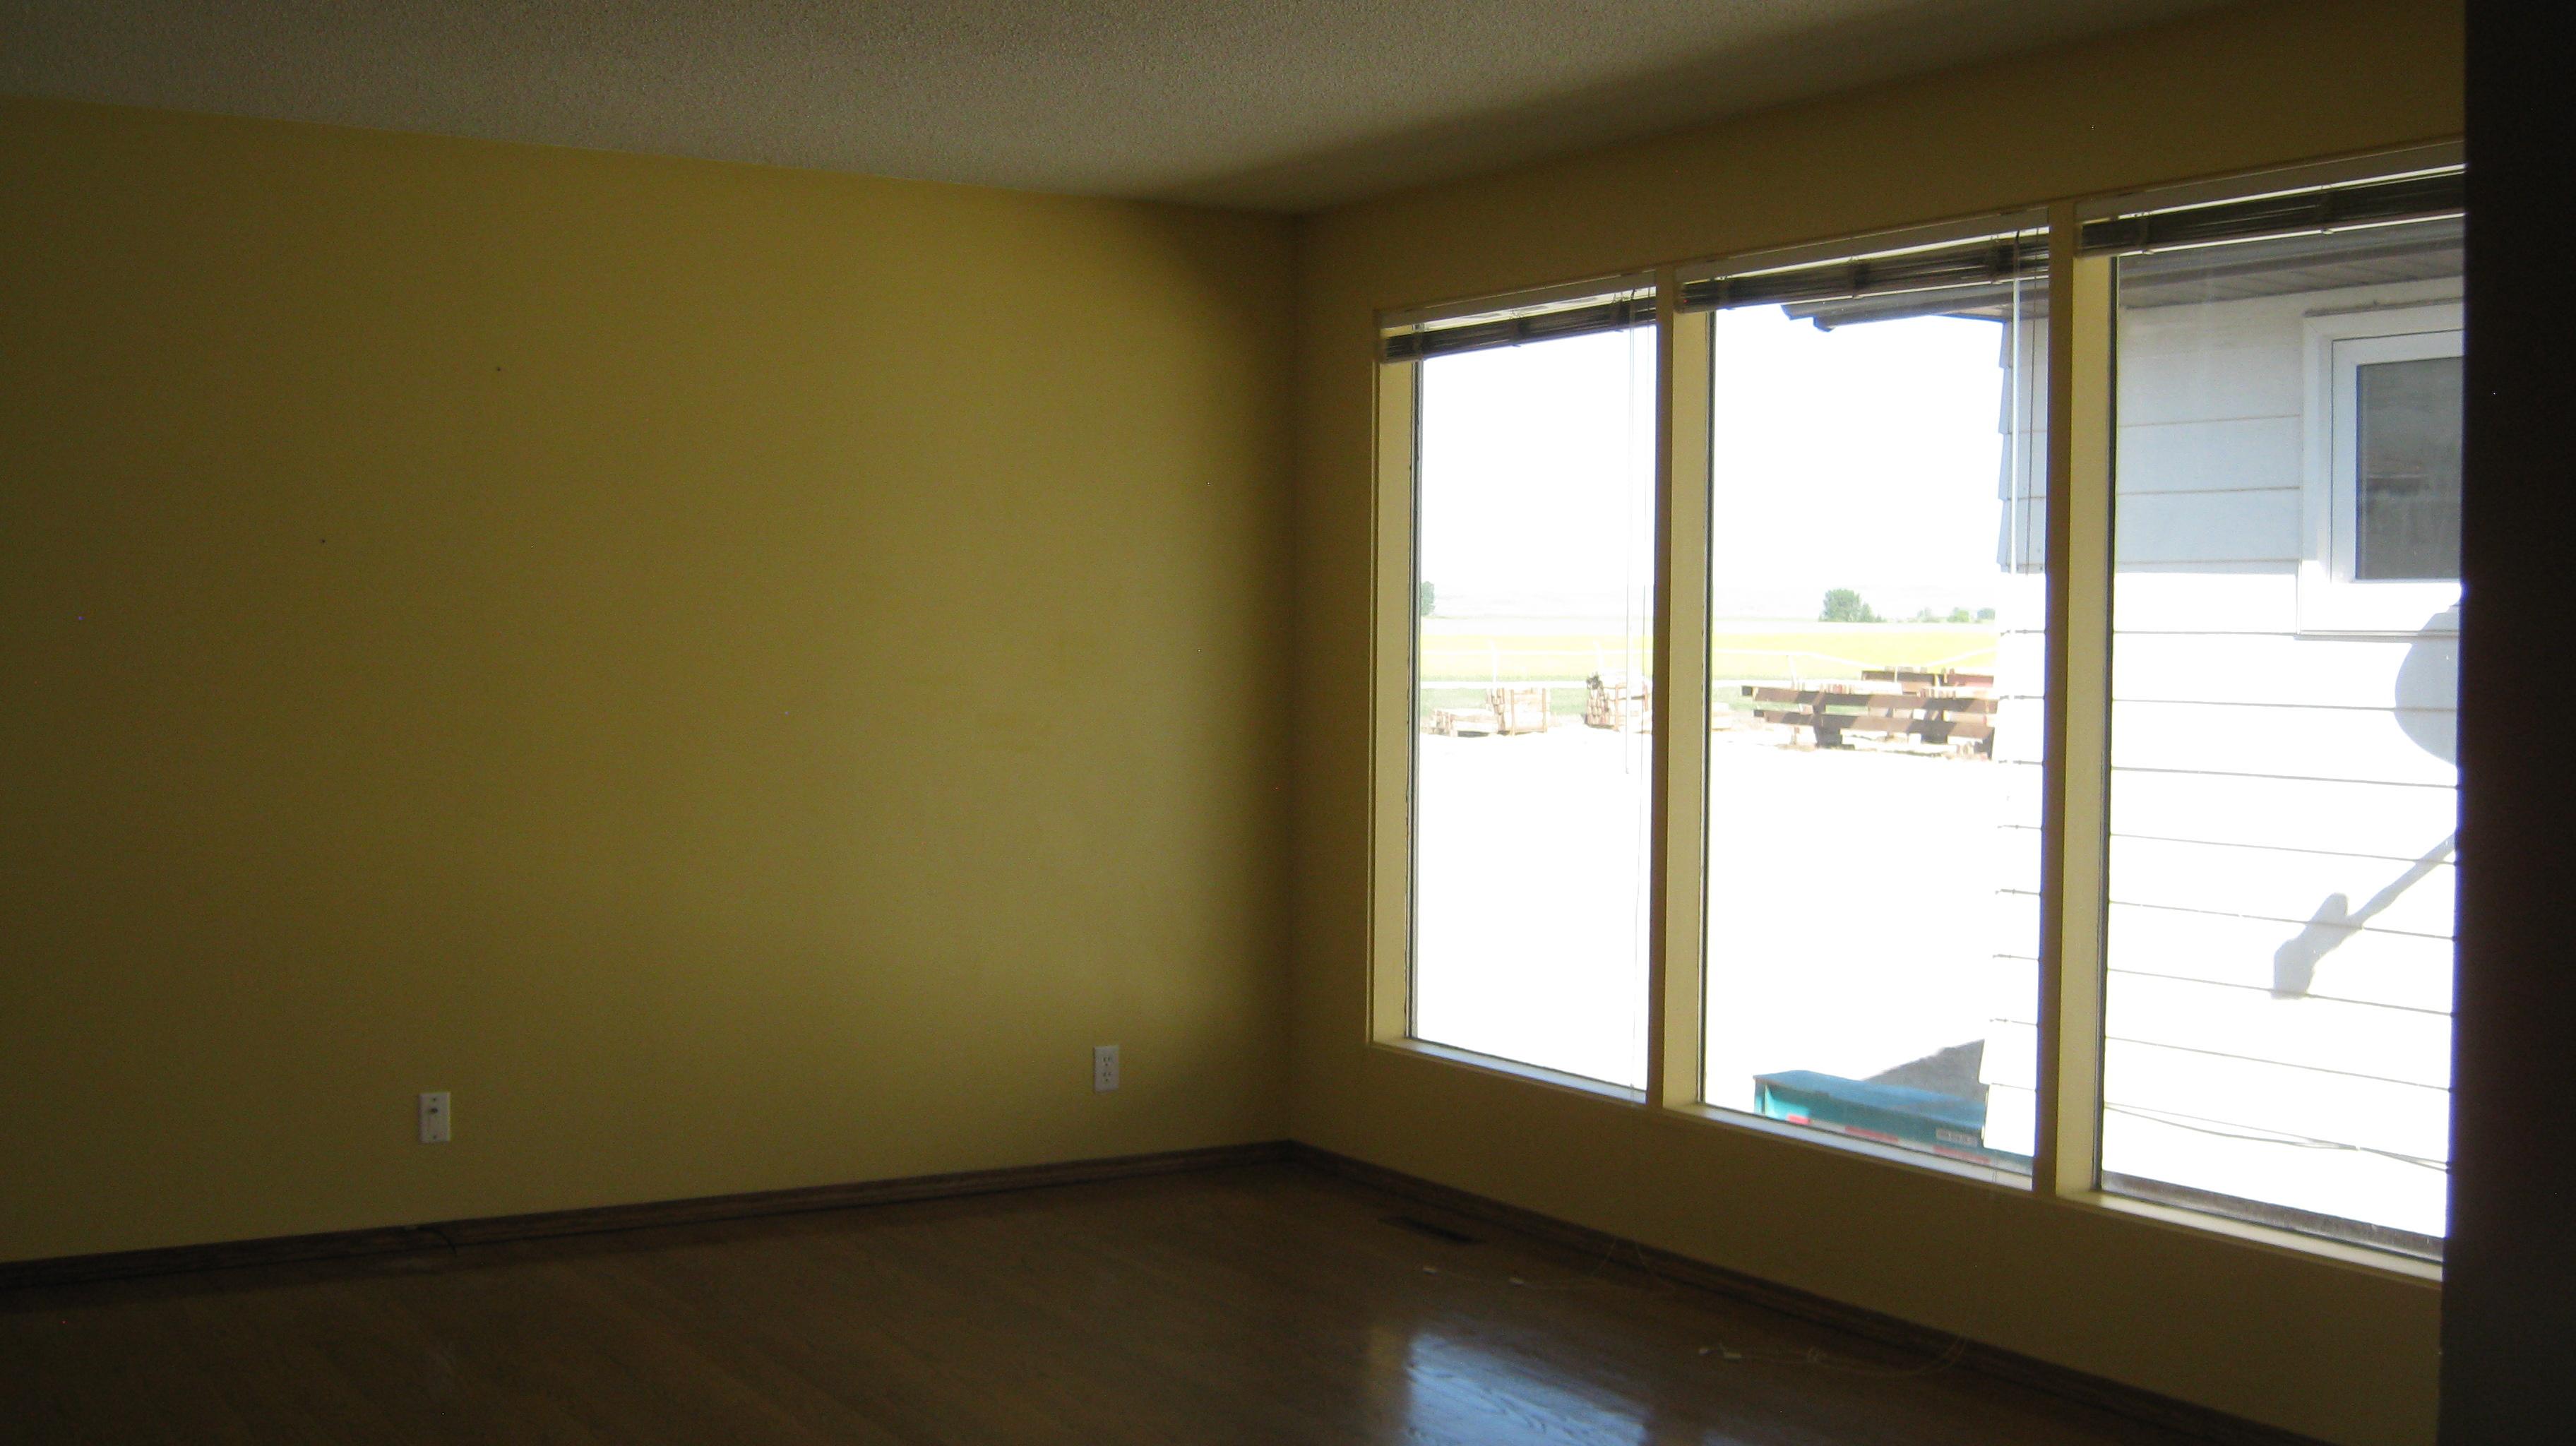 https://0901.nccdn.net/4_2/000/000/060/85f/Livingroom-3648x2048.jpg